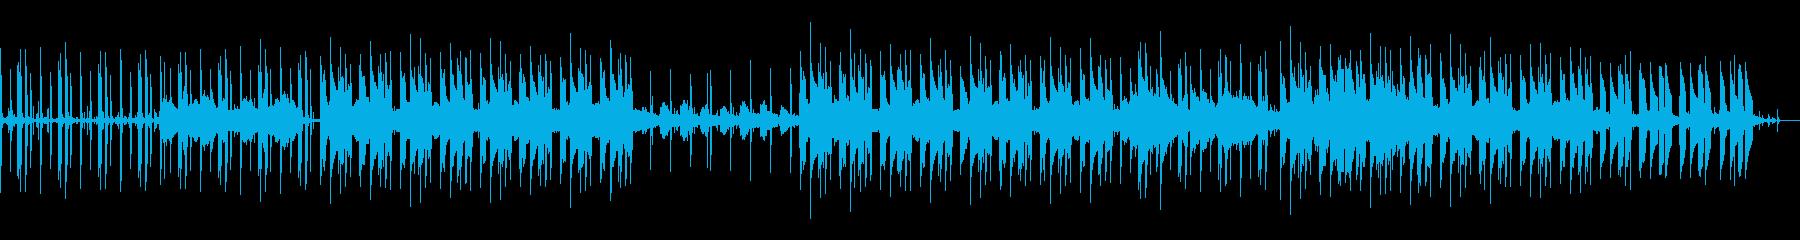 ジャジーなエレピのチル・ヒップホップの再生済みの波形